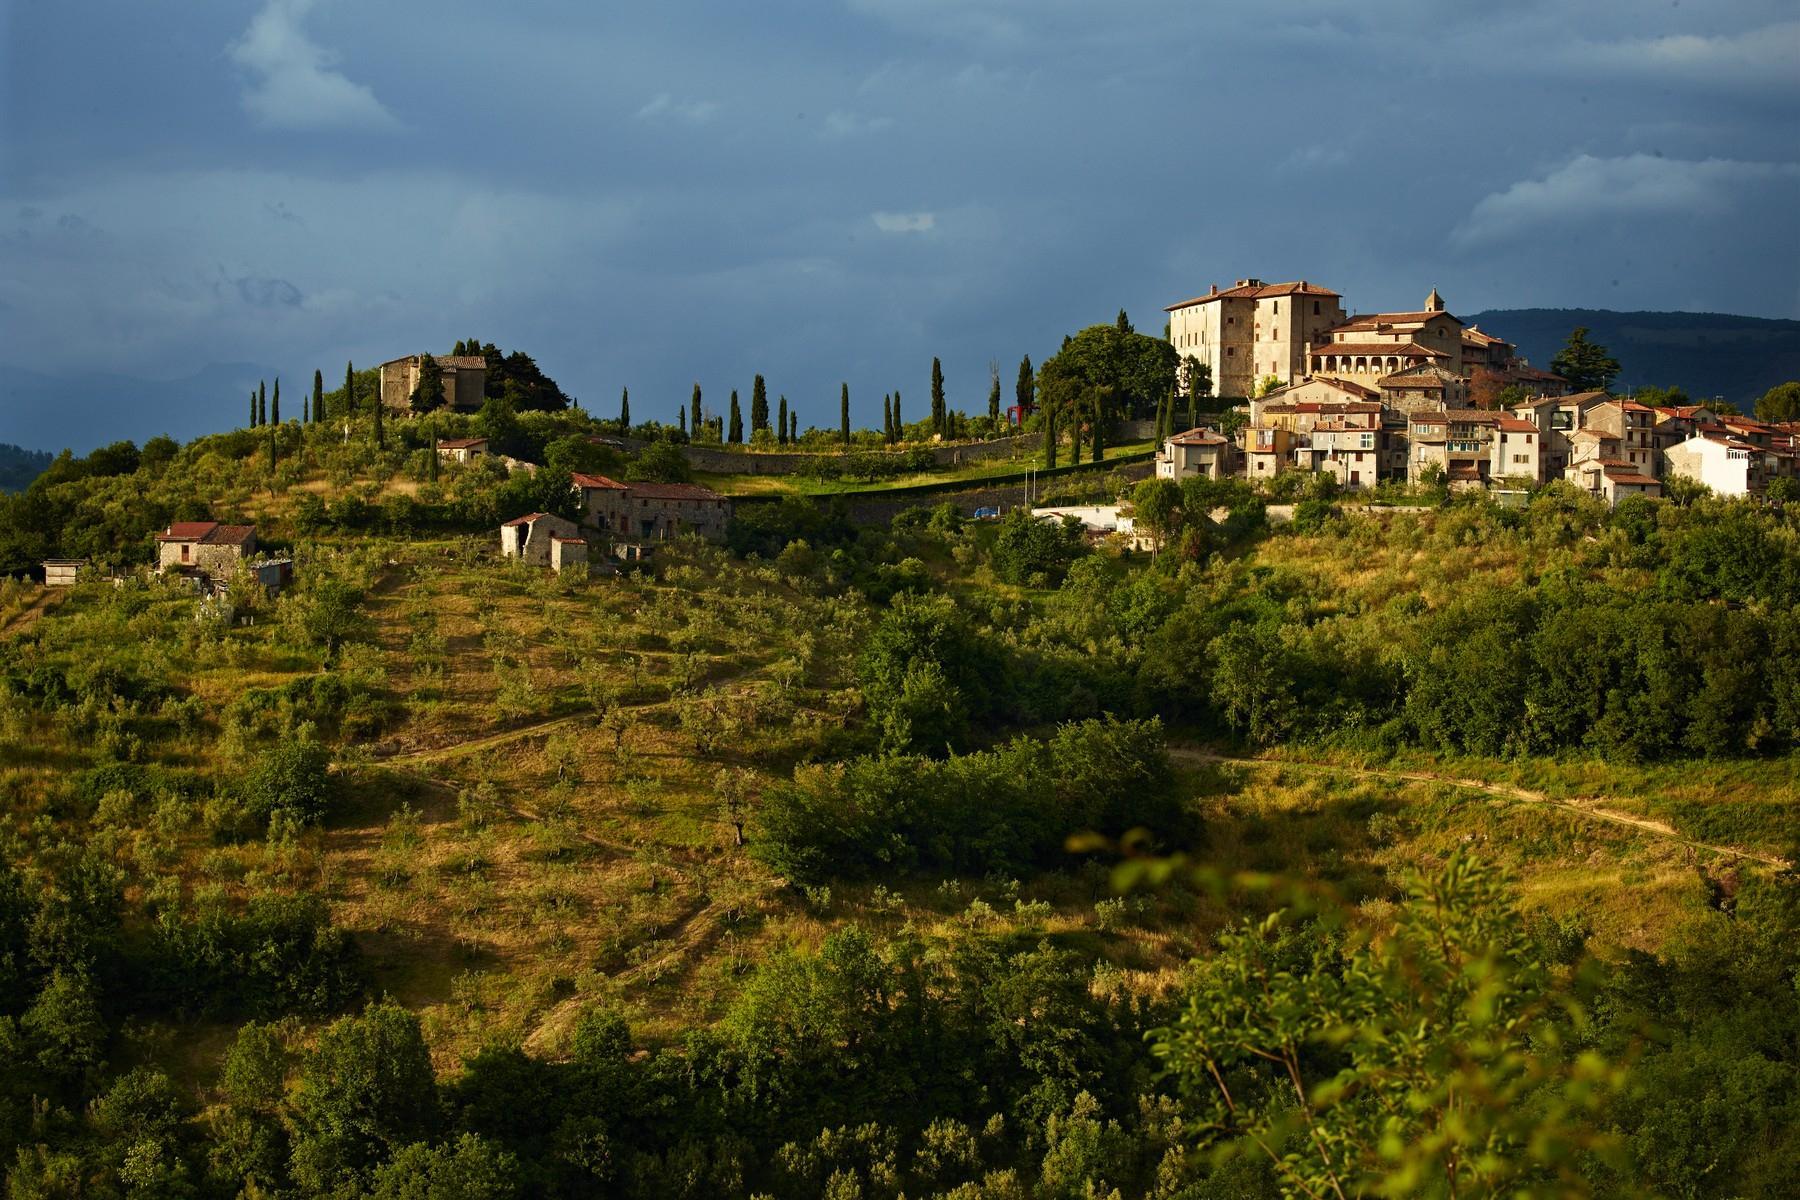 中世纪村庄Oliveto山顶上的雄壮宫殿 - 29